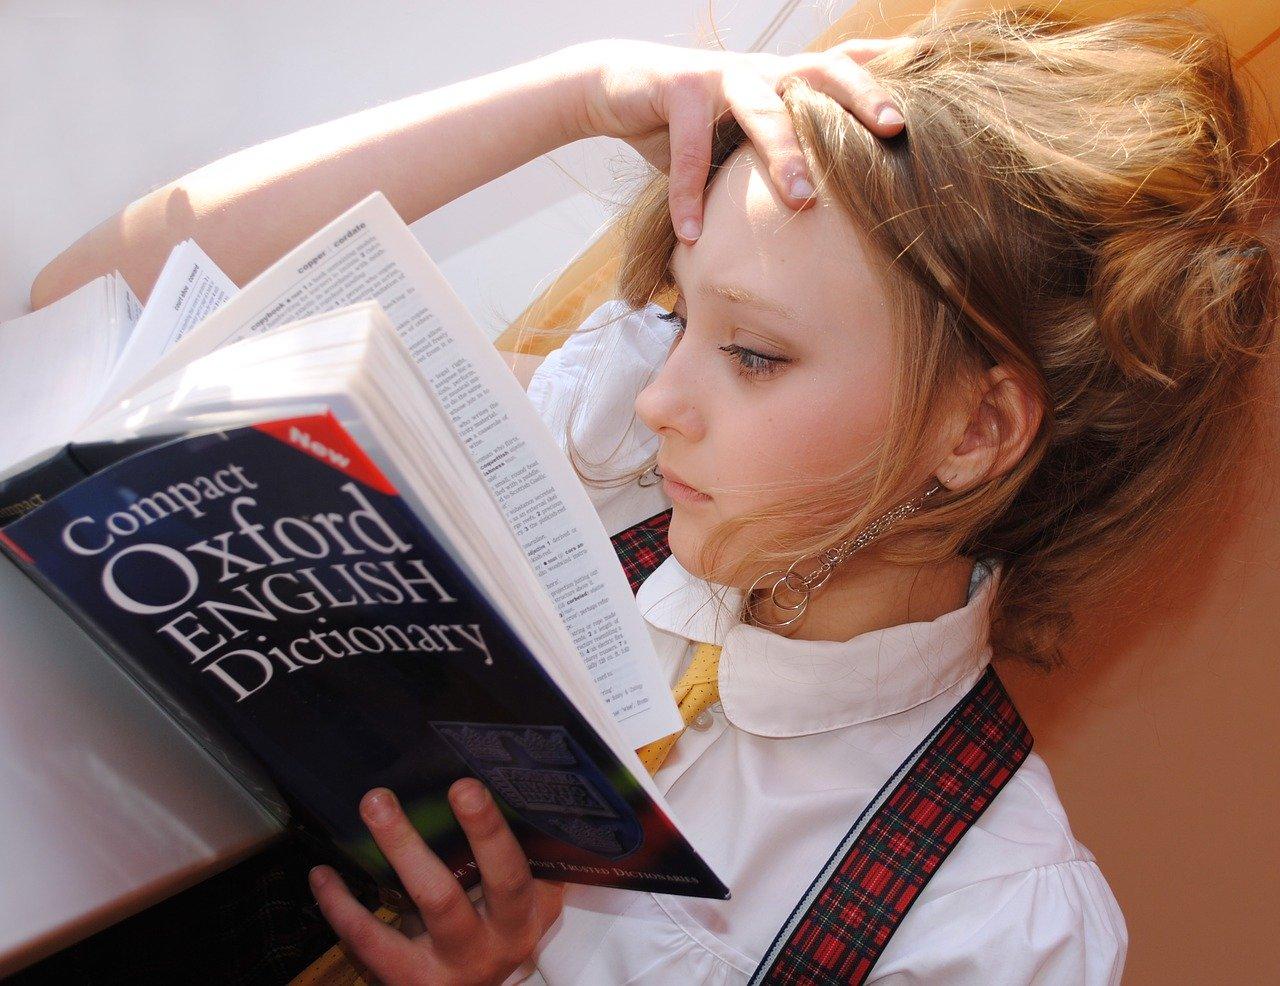 Conversa a Andorra una petita escola d'anglès que ofereixun servei fet a mida